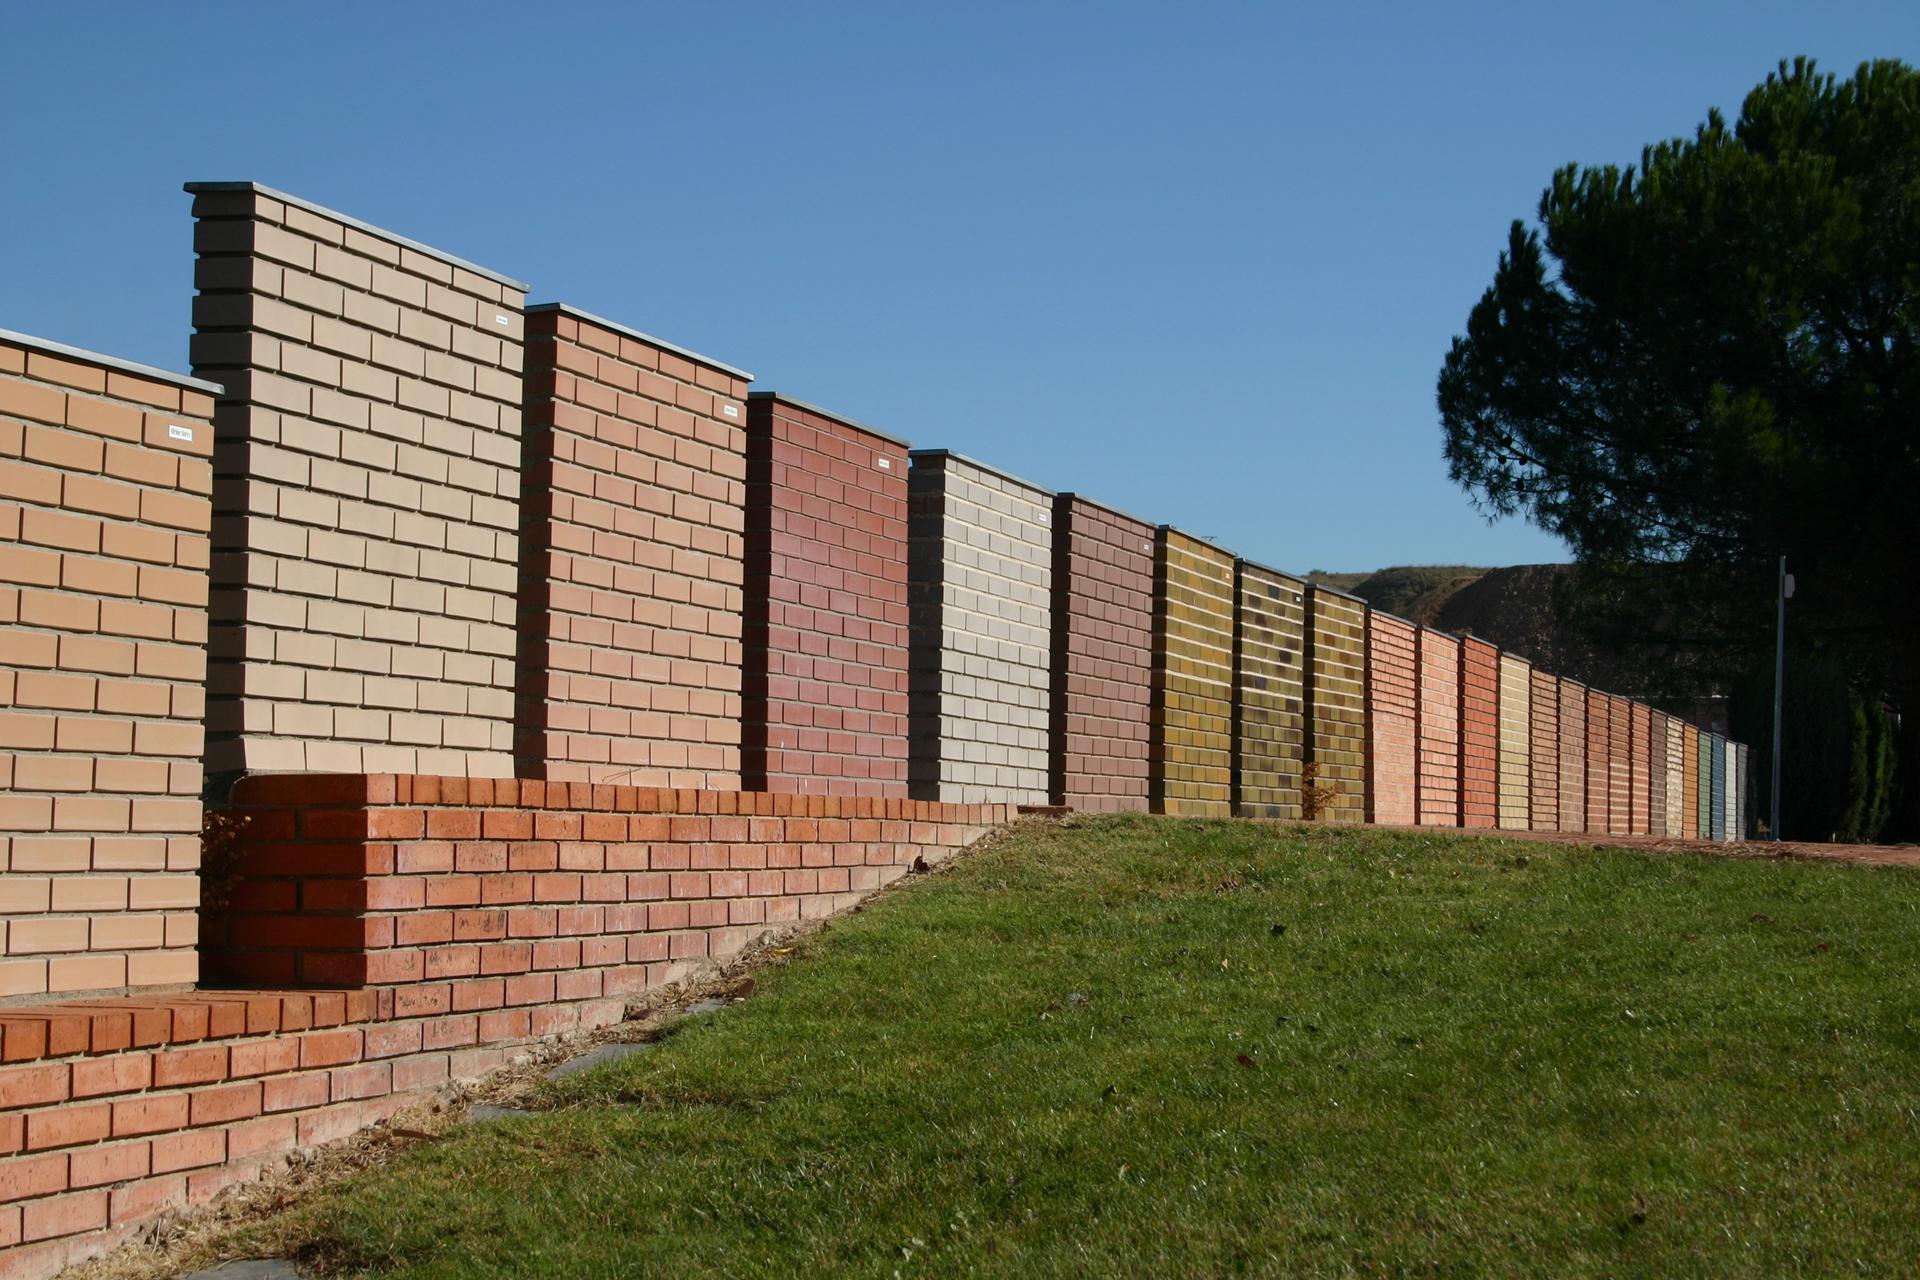 Dconfianza tipos de ladrillos para tu vivienda dconfianza - Muros de ladrillo visto ...